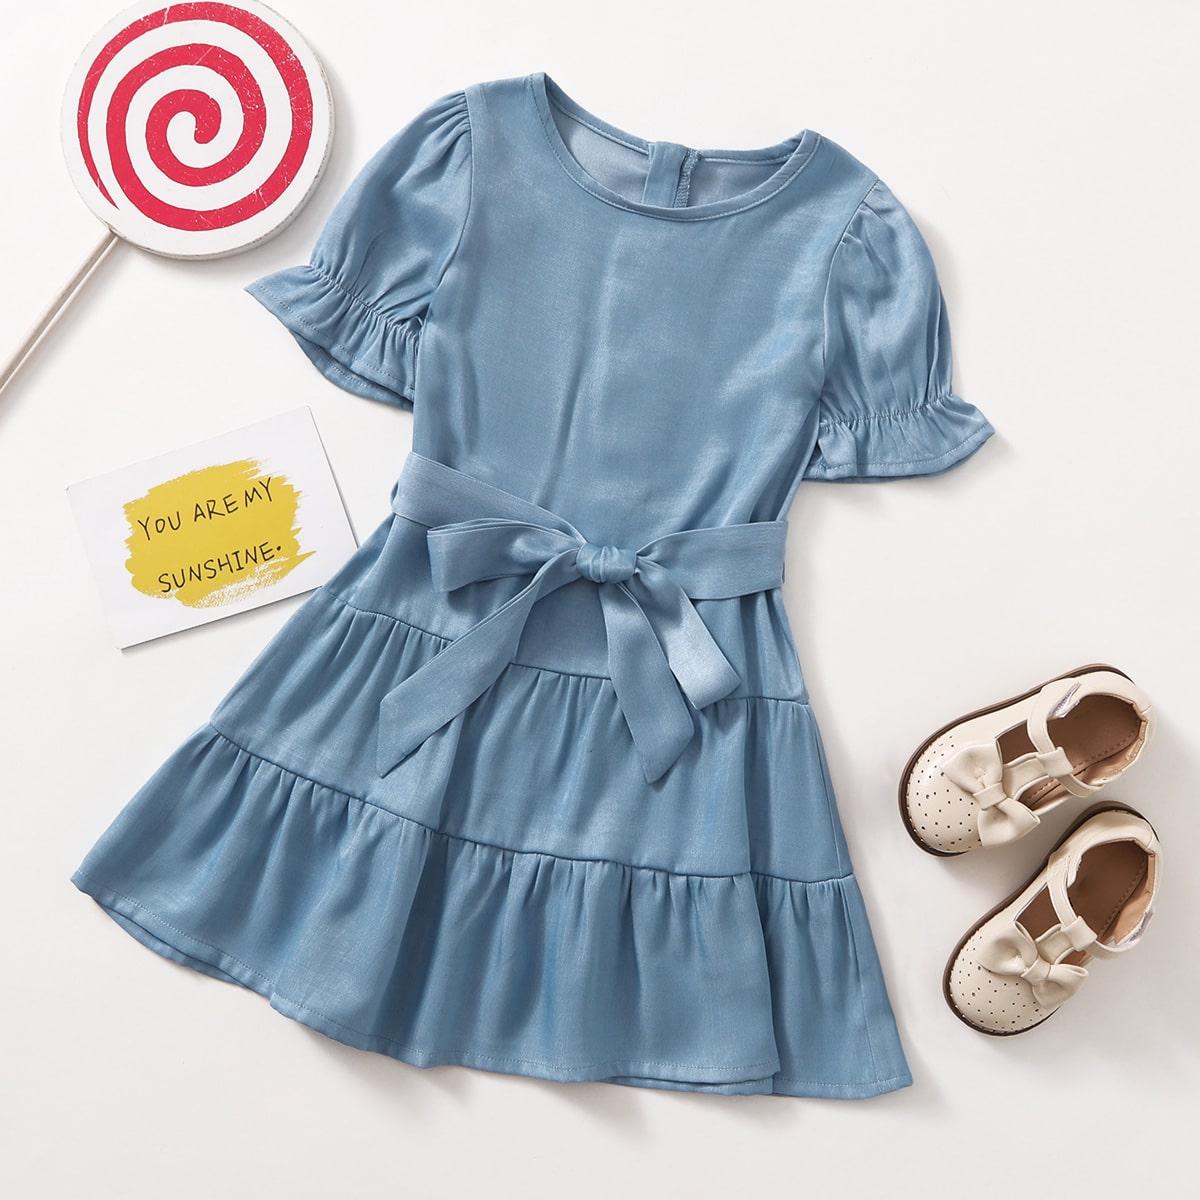 для девочек Джинсовое платье с оборками поясом SheIn skdress25210430151